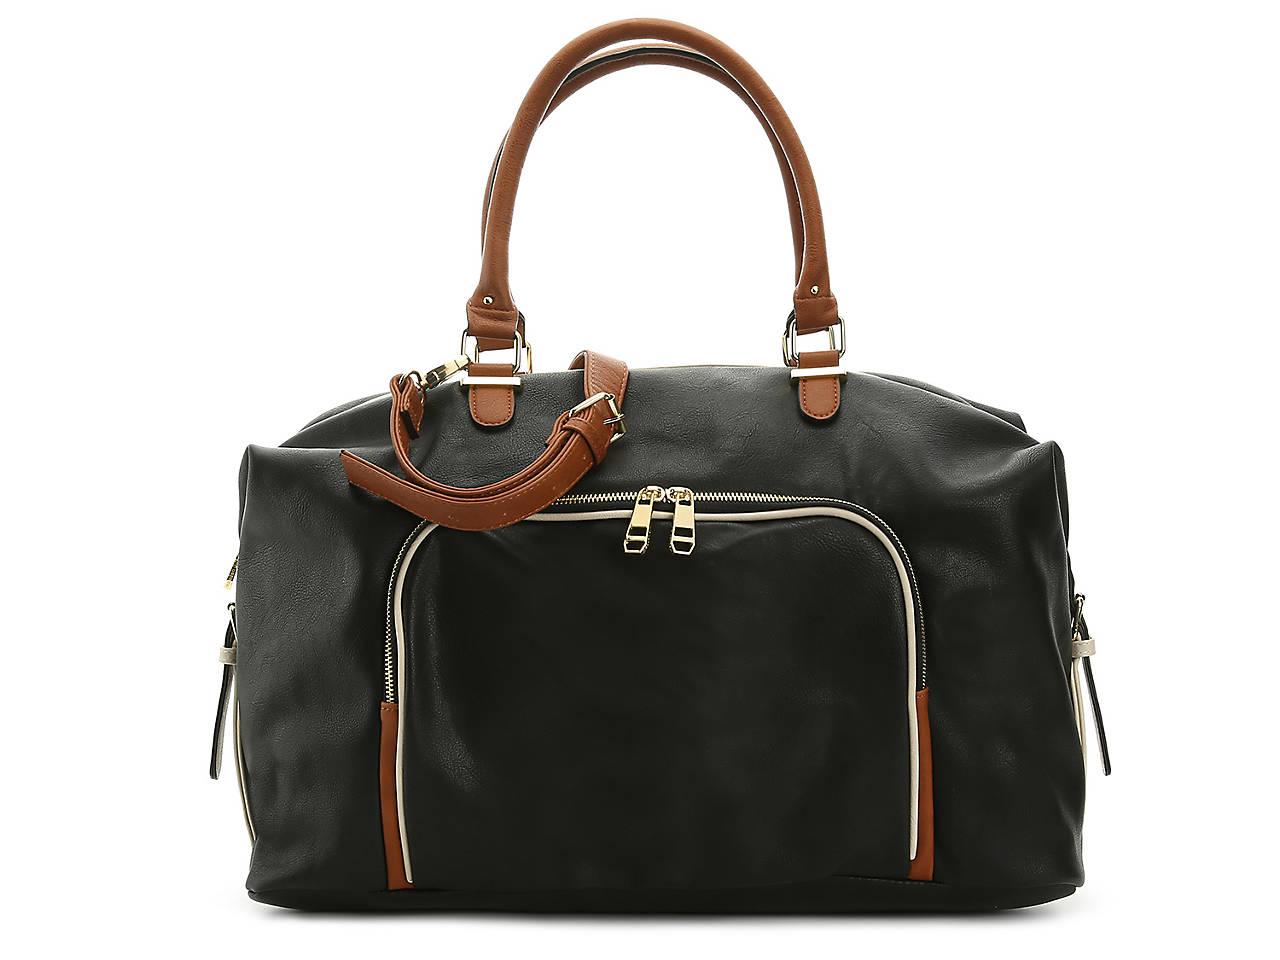 b762c3a4e11d Madden Girl Glamm Weekender Bag Women s Handbags   Accessories